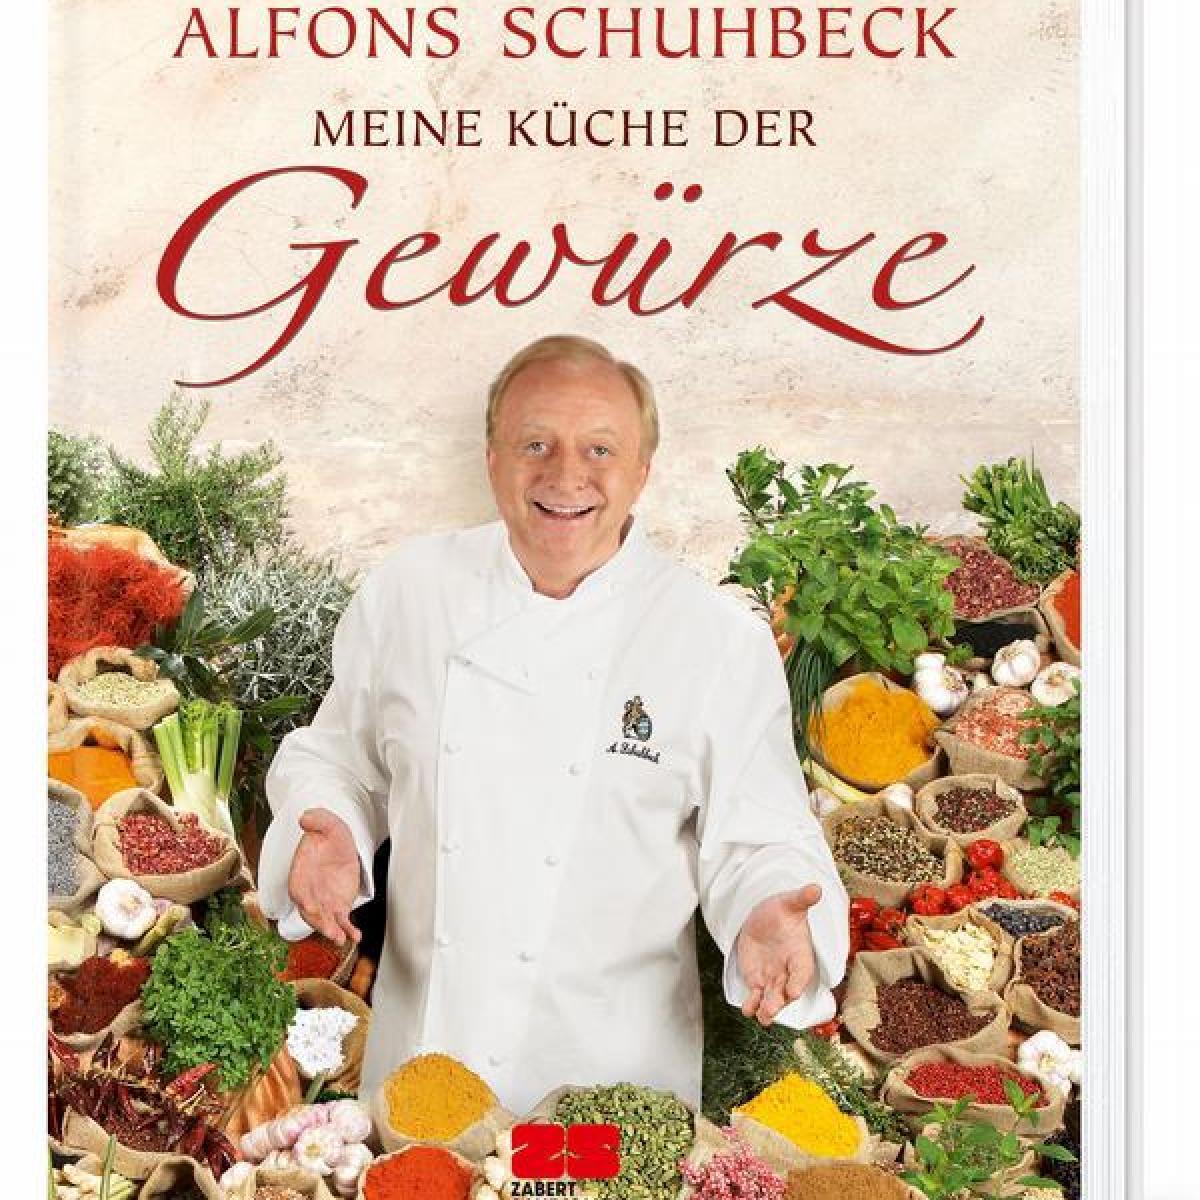 Verbraucher: Focus-Bestsellerliste: Schuhbeck verdrängt Käßmann ...